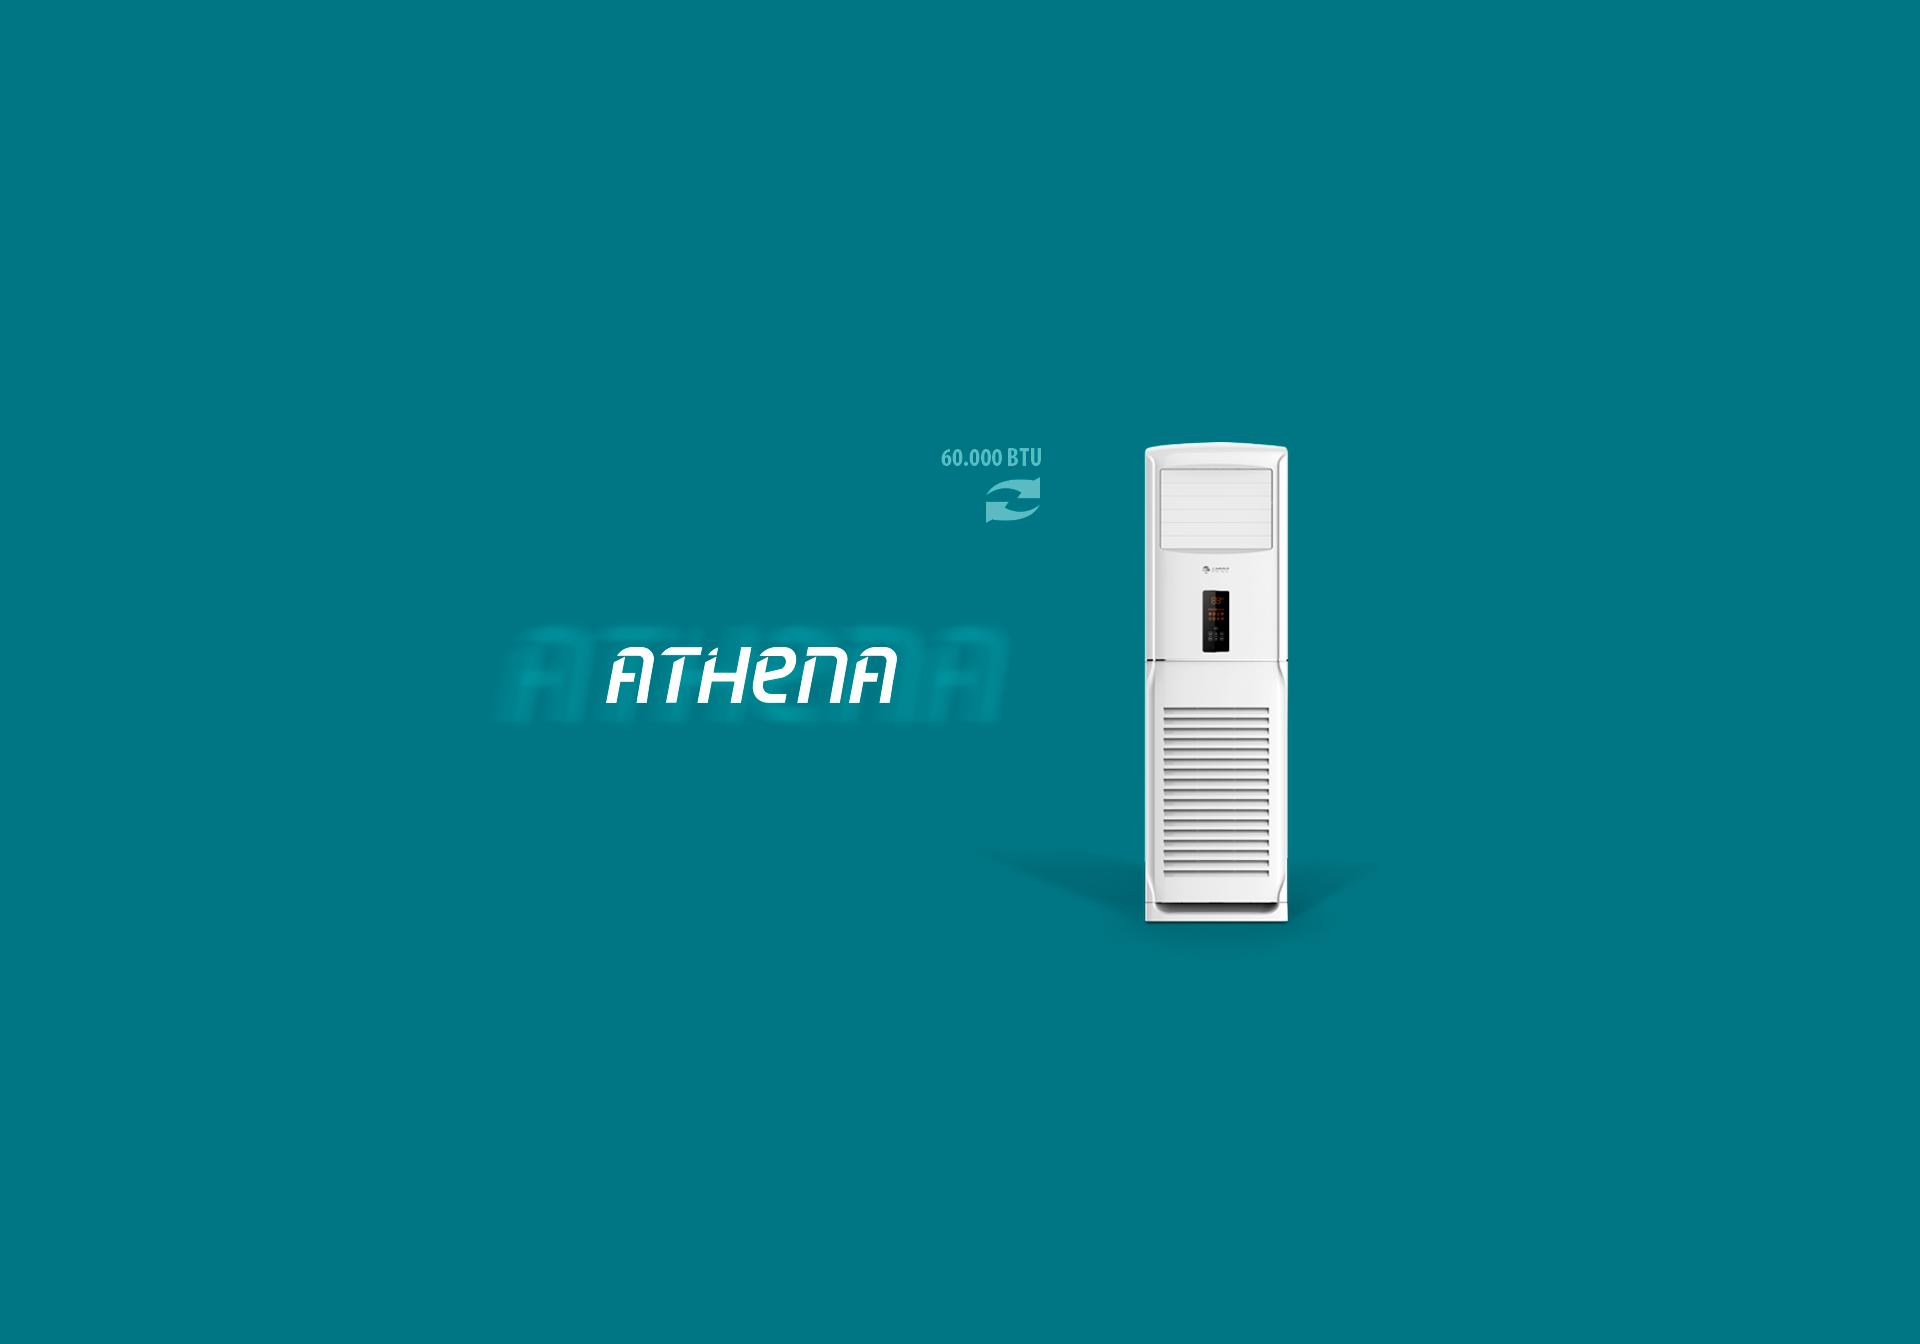 Sendo Athena